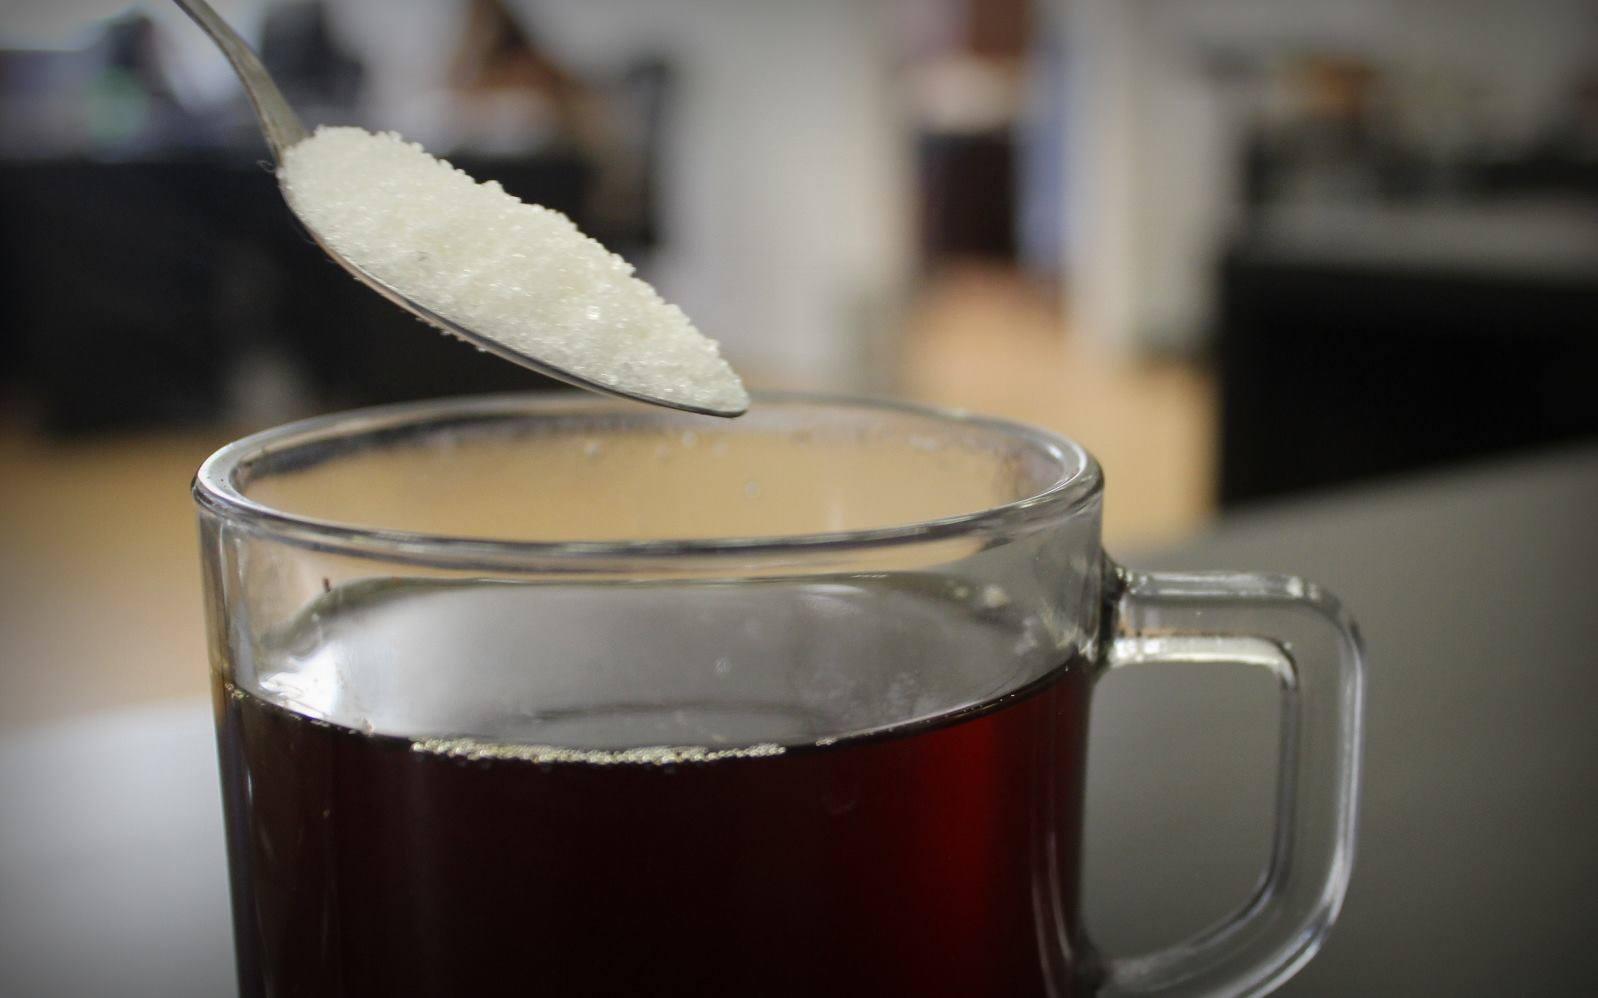 كوب الشاي لم يعد مطلبا سهلا في ظل أزمة السكر. صورة من أصوات مصرية